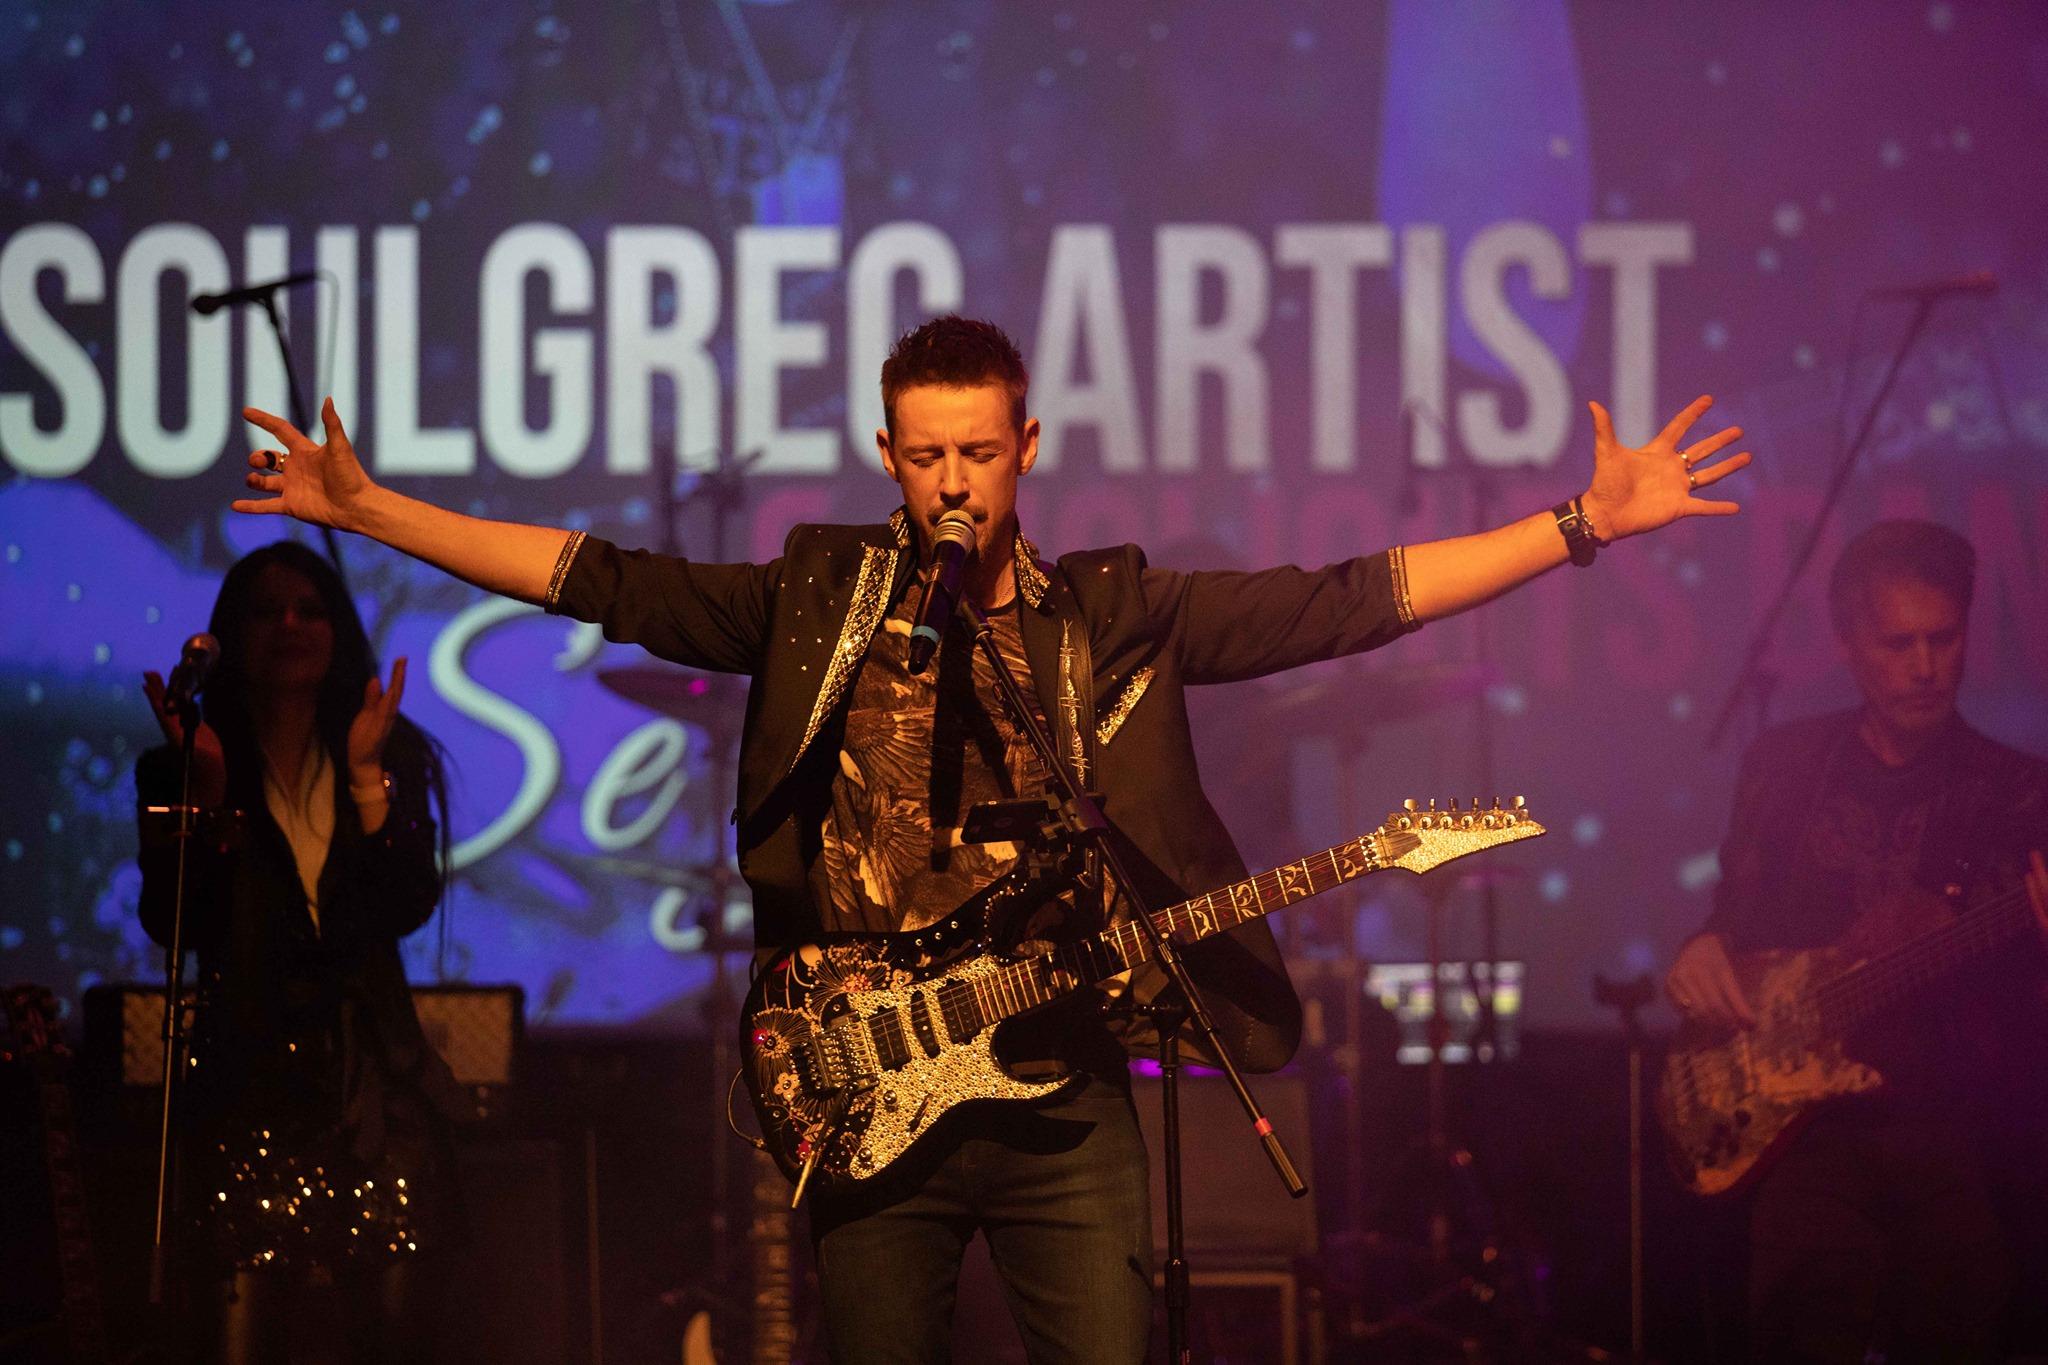 soulgreg artist